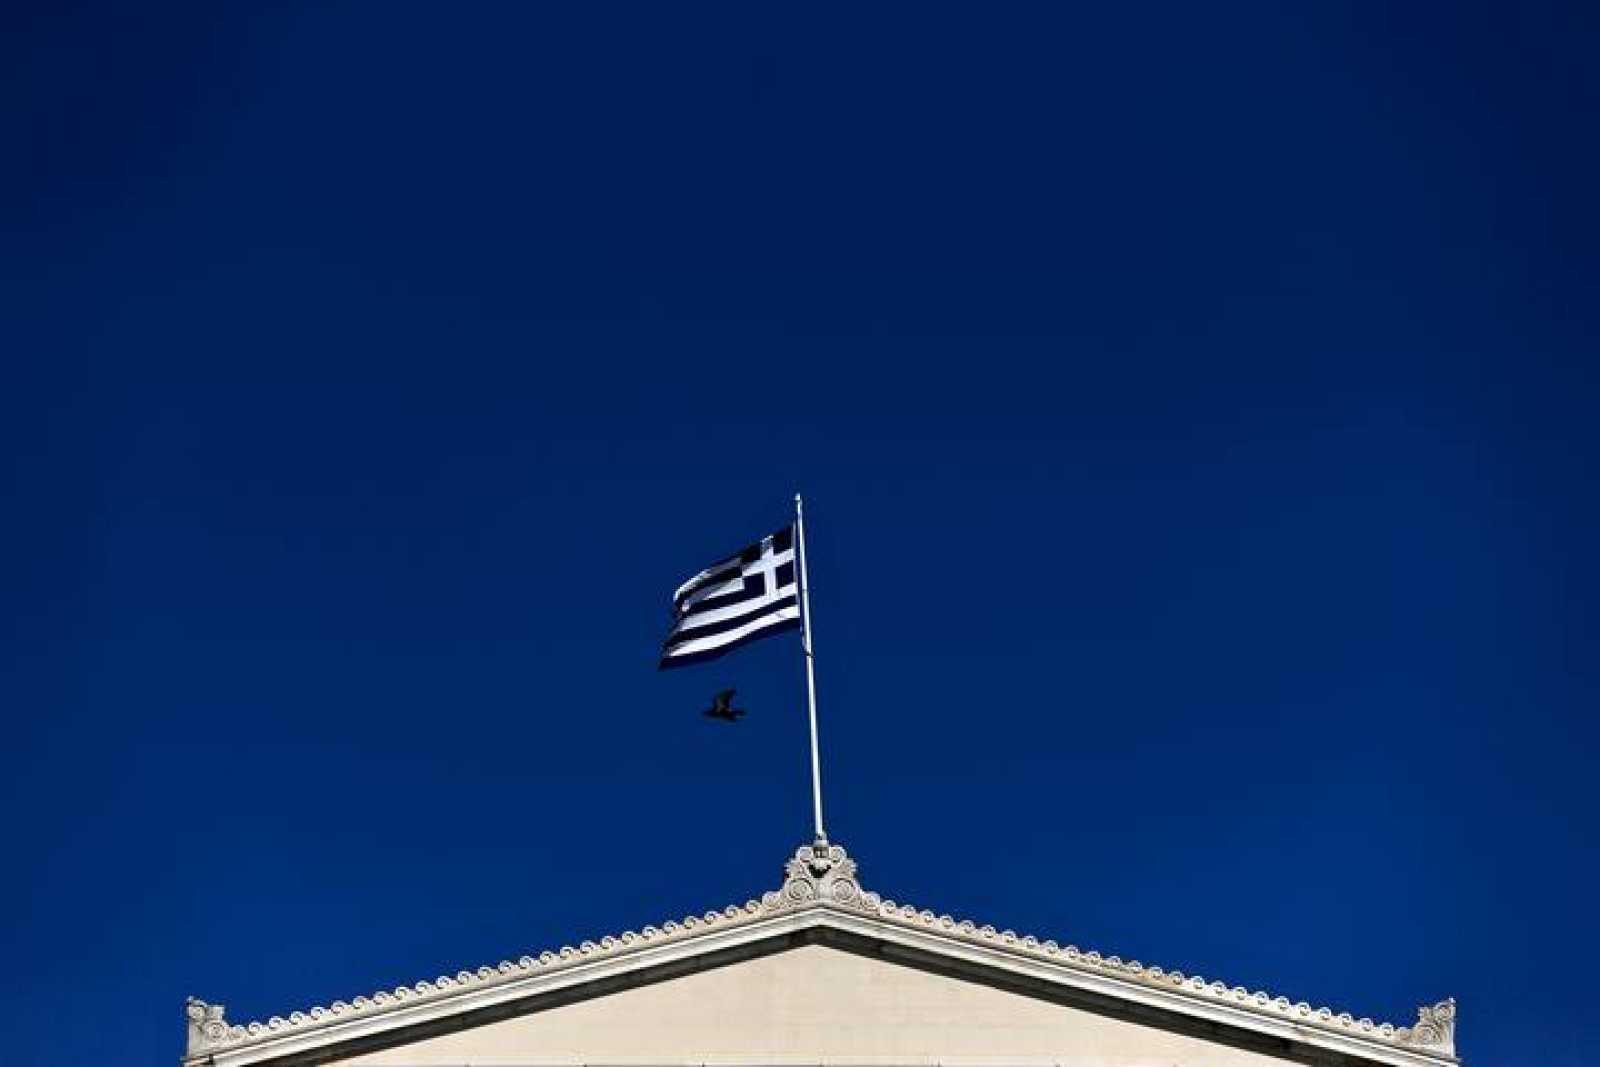 Imagen de la bandera griega sobre el Parlamento heleno